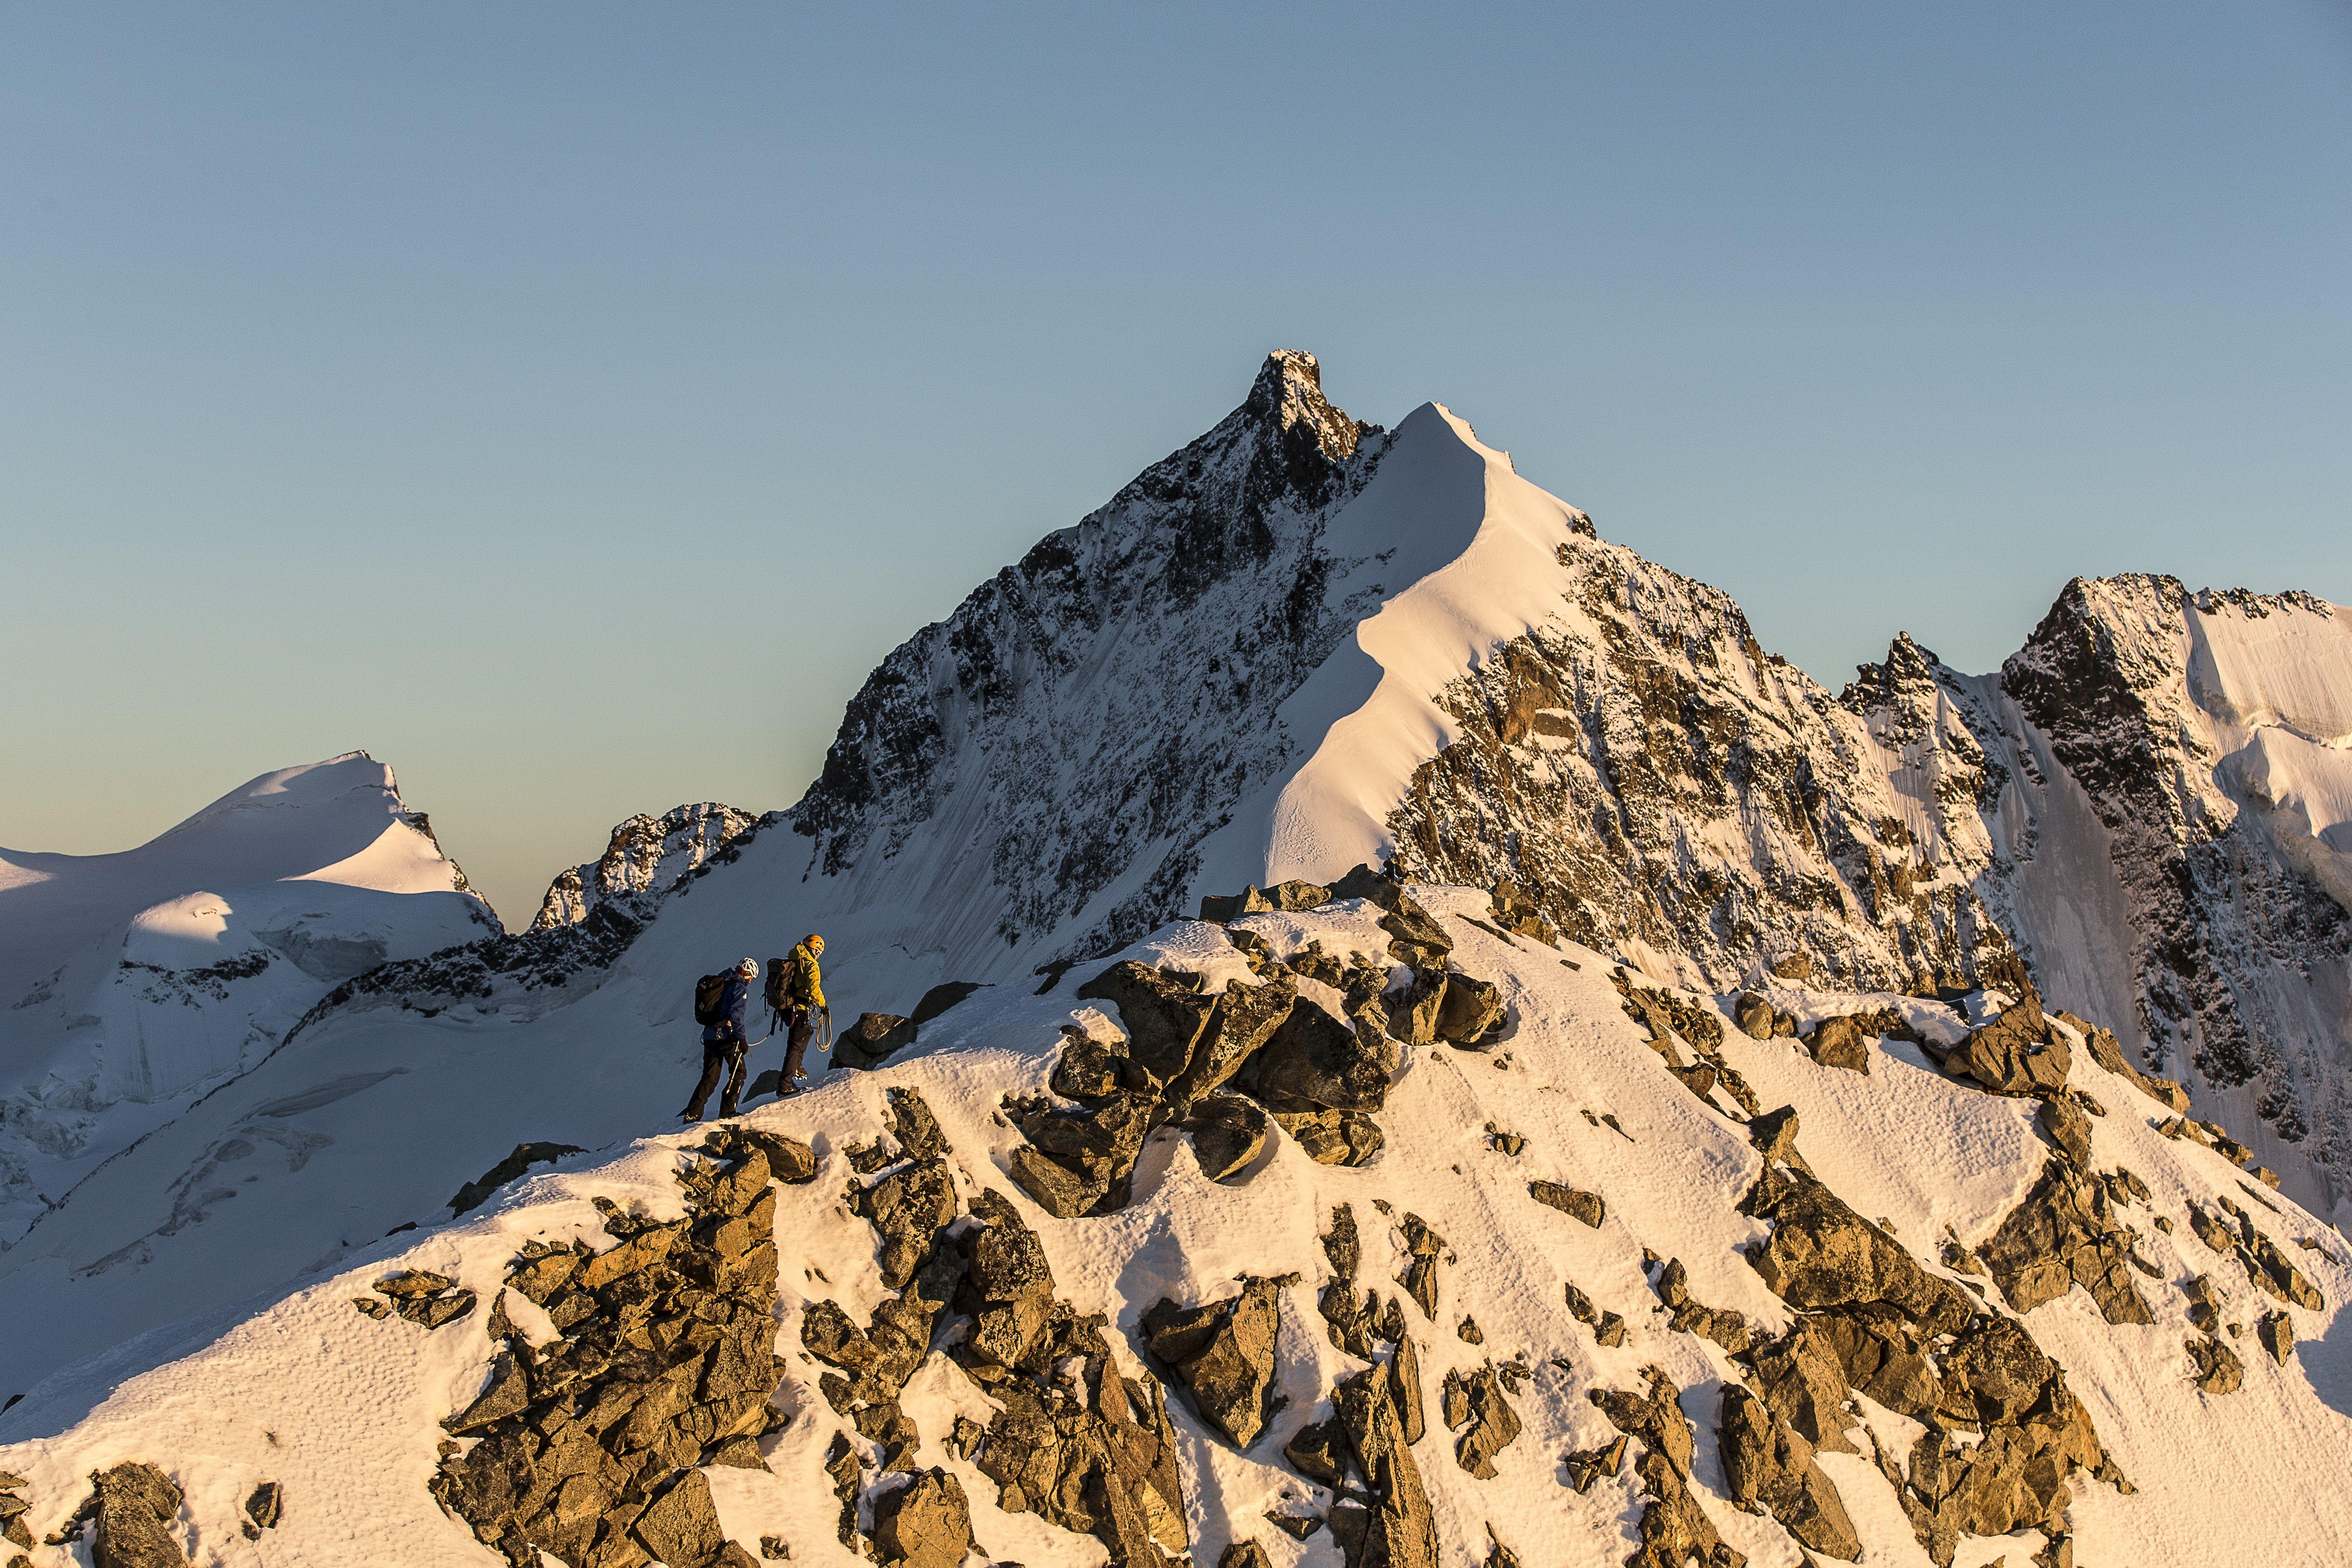 Bergsteigerschule Pontresina (Mountaineering school) Slide 1